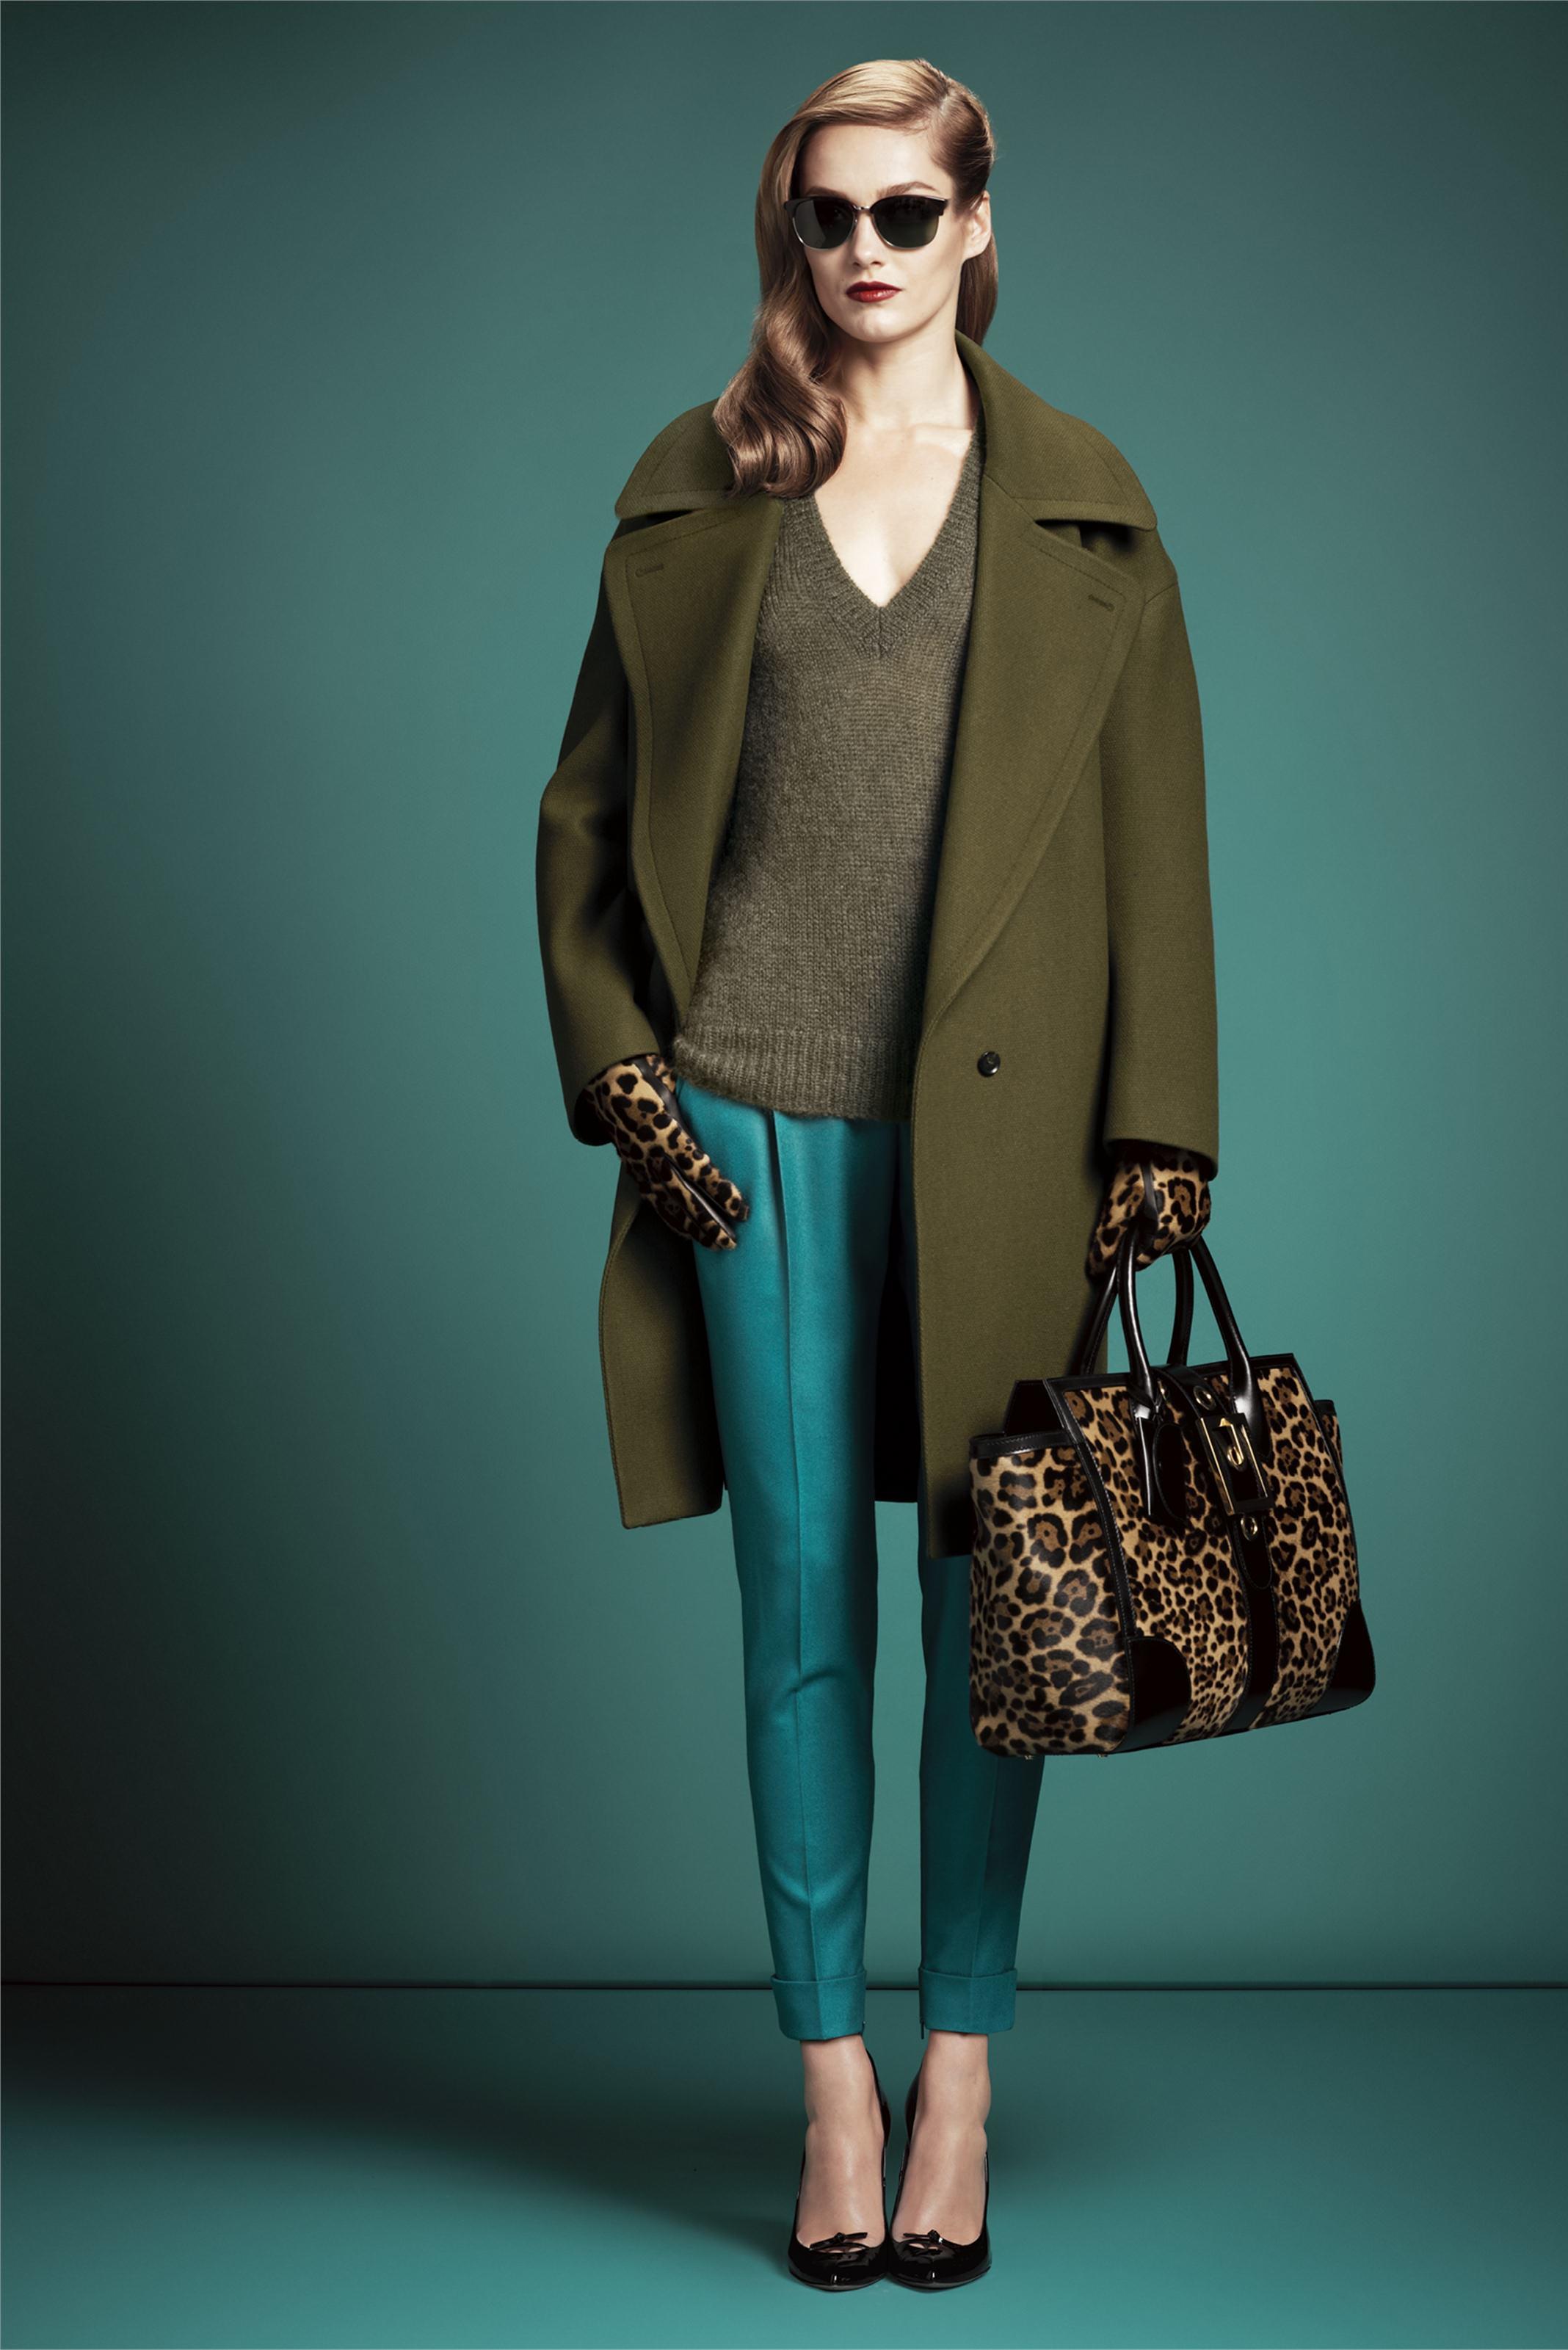 Женственный образ с широким пальто оверсайз - фото новинки и тренды сезона